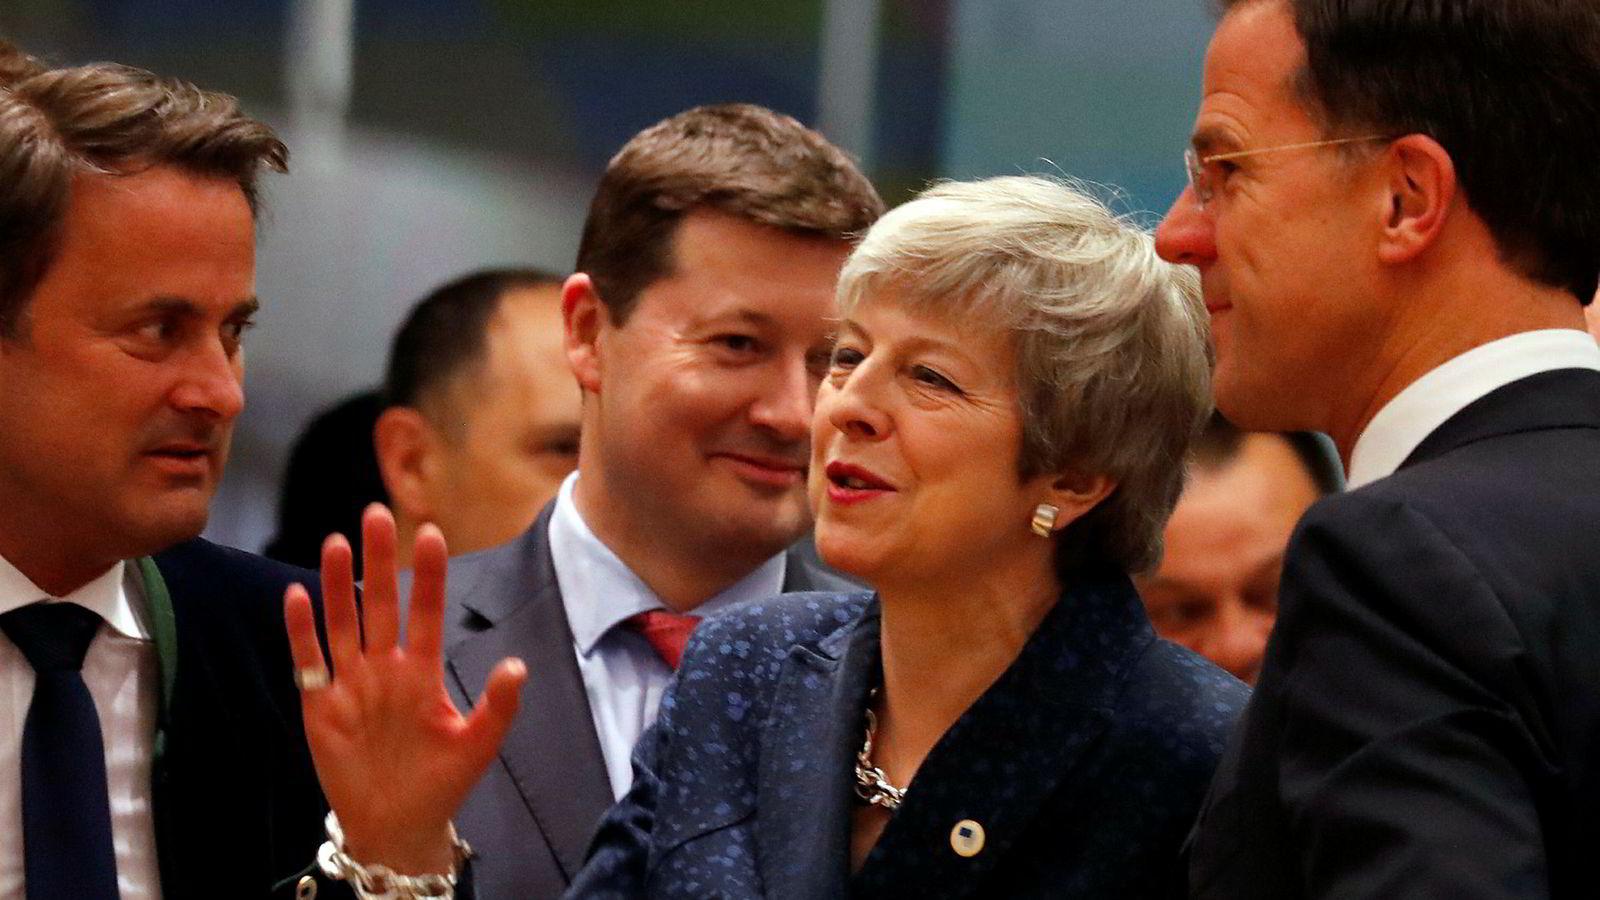 Statsminister Theresa May ble omringet av den nederlandske statsministeren Mark Rutte (til høyre) og Luxembourgs statsminister Xavier Bettel (til venstre) under toppmøtet torsdag.